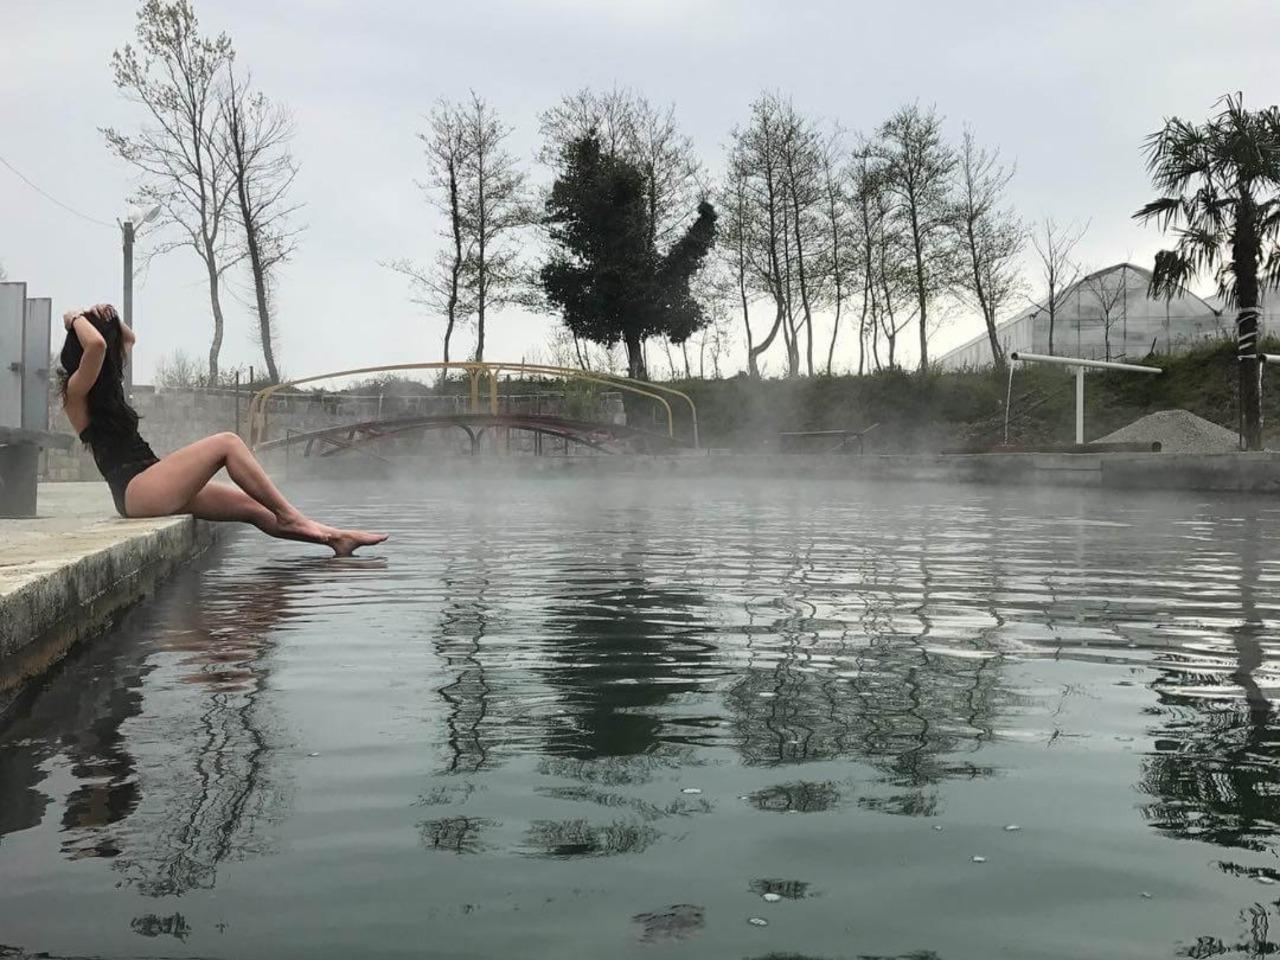 Горячие источники Абхазии - индивидуальная экскурсия в Сочи от опытного гида